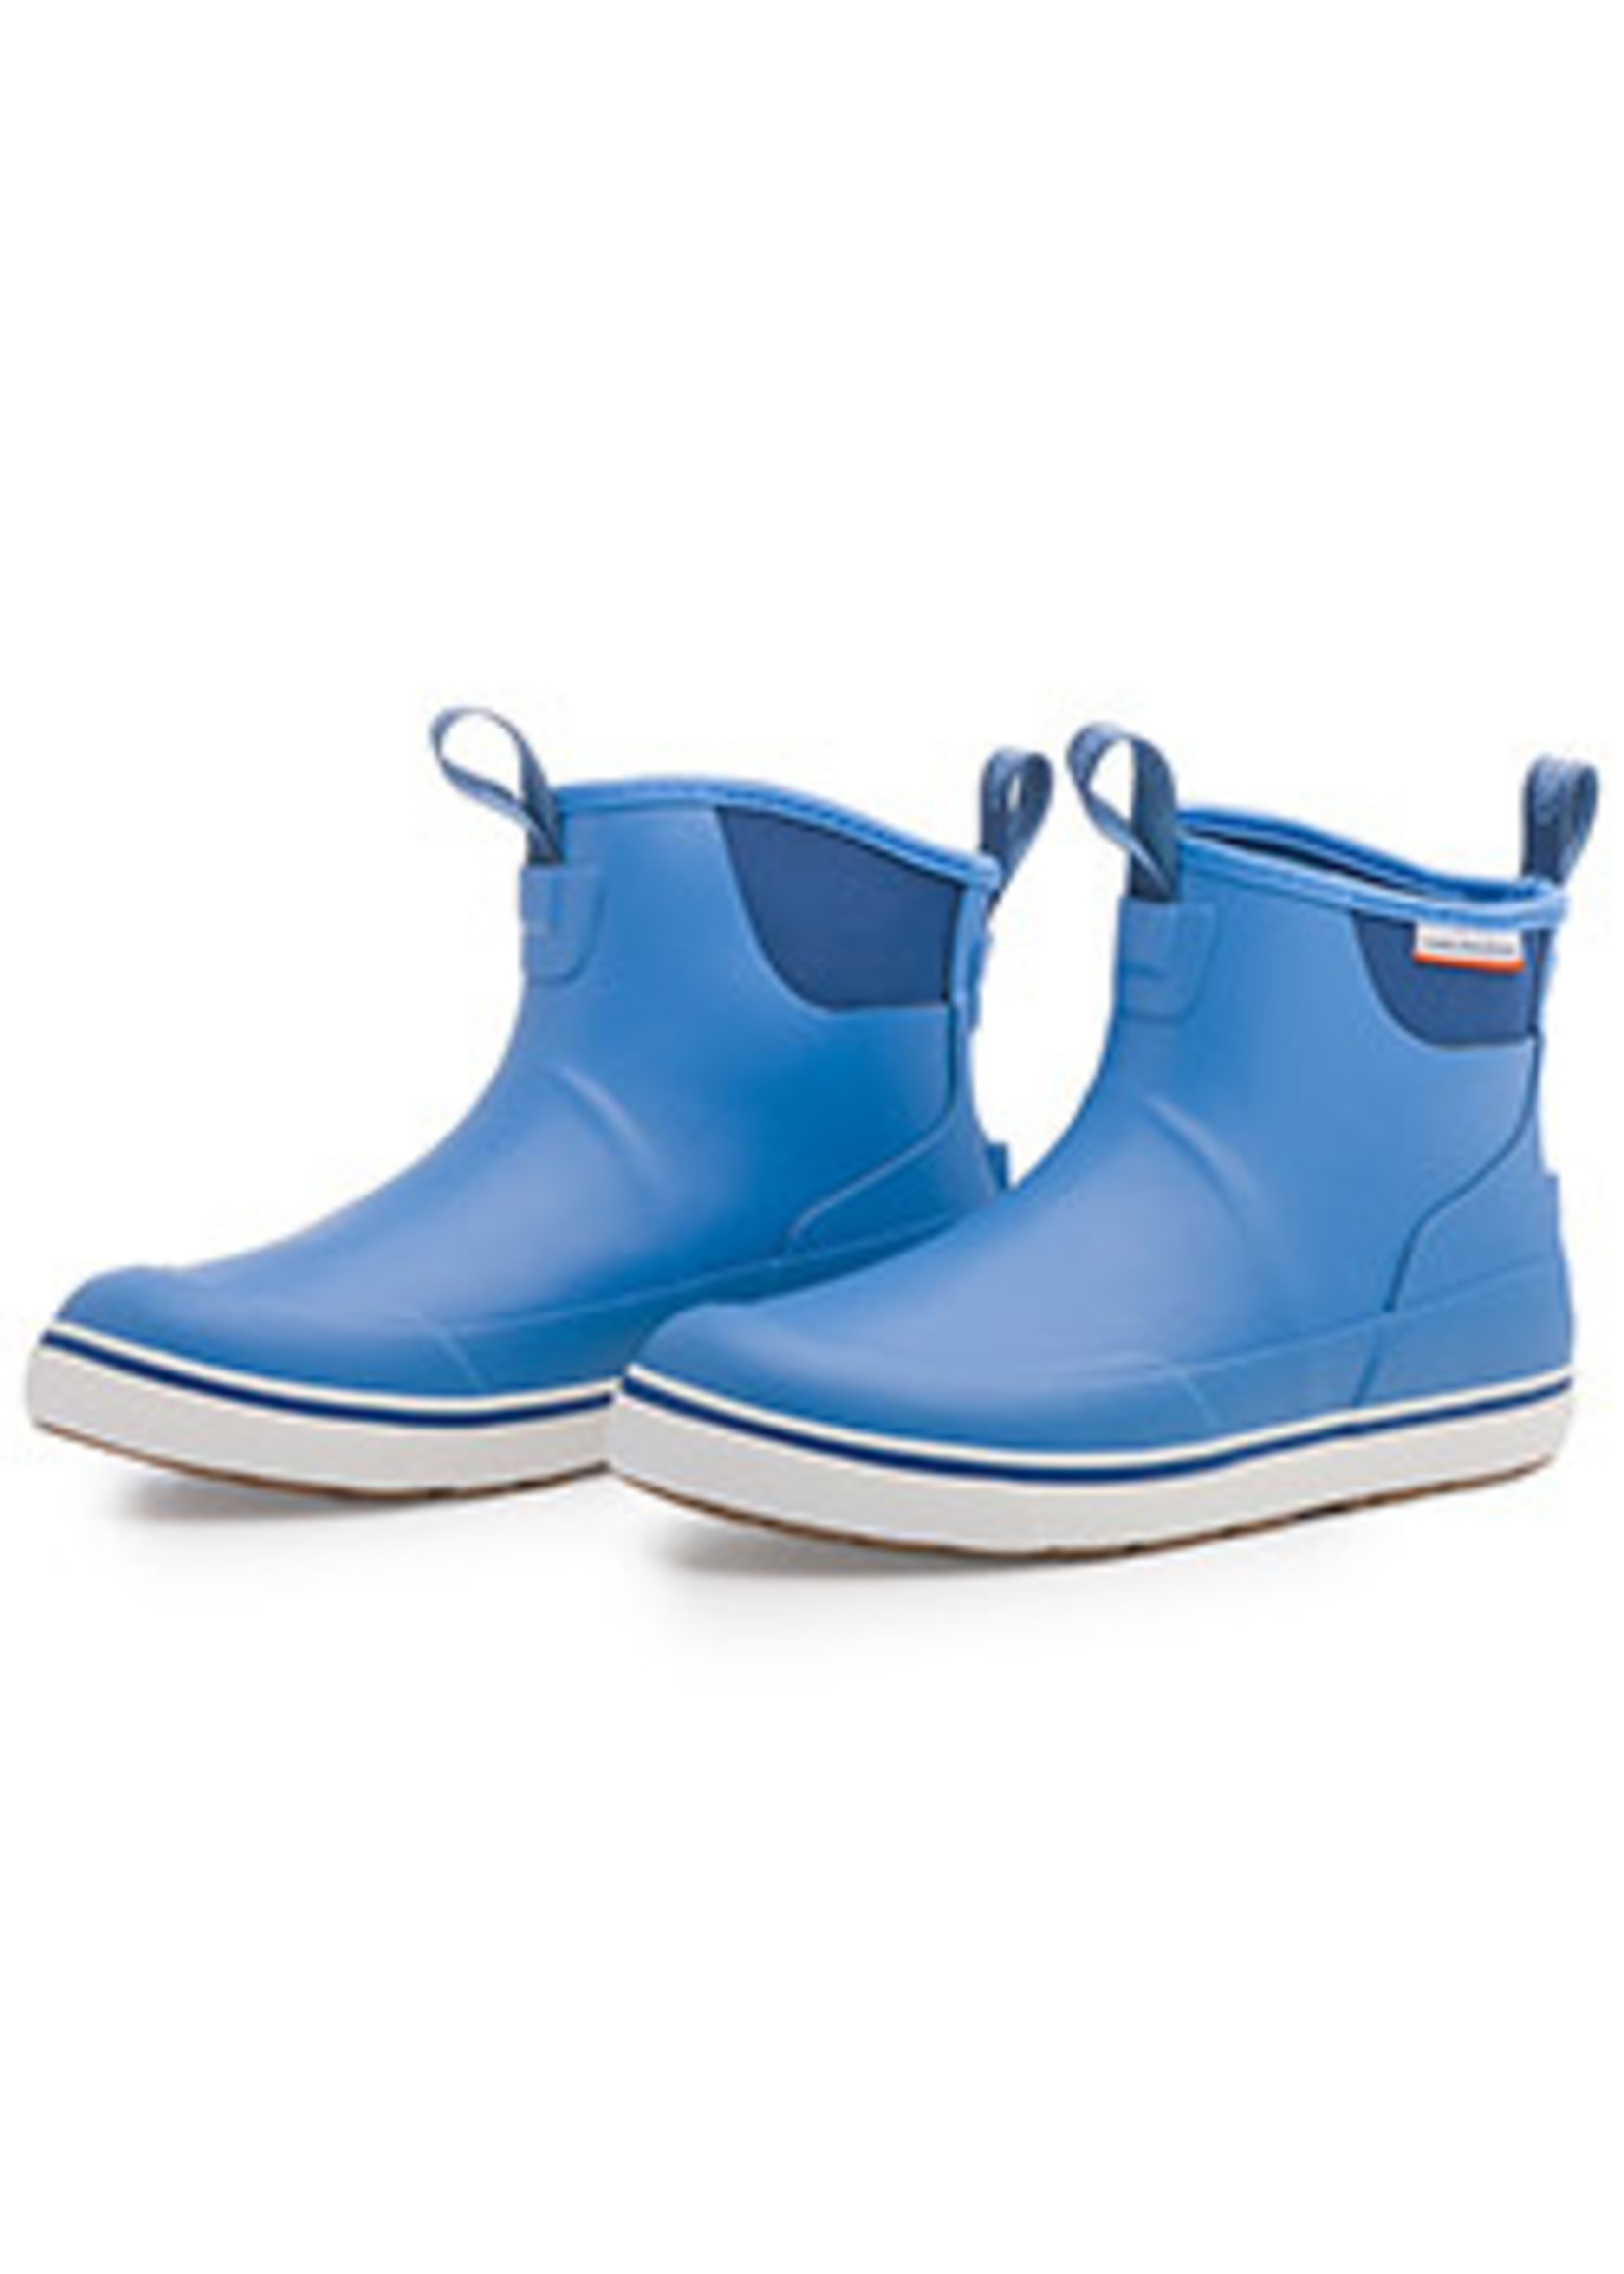 GRUNDENS USA, LTD. Grundens Wm's Deck Boss Boot Parisian Blue